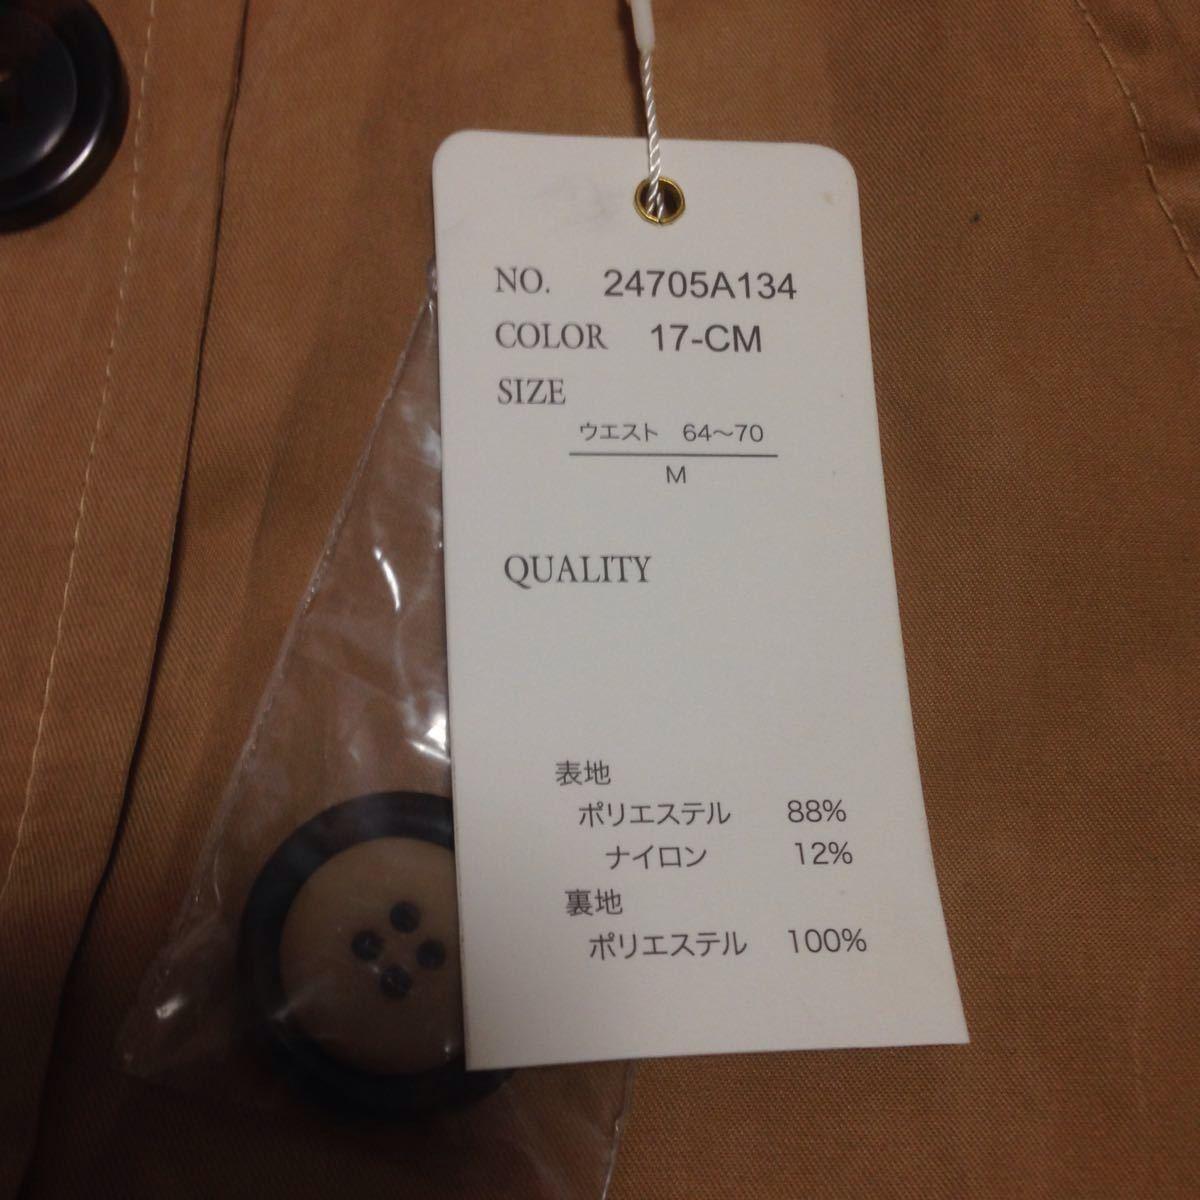 ☆☆新品☆☆ Riche glamour リシェ グラマー スカート 巻きスカート トレンチスカート ベージュ キャメル_画像4